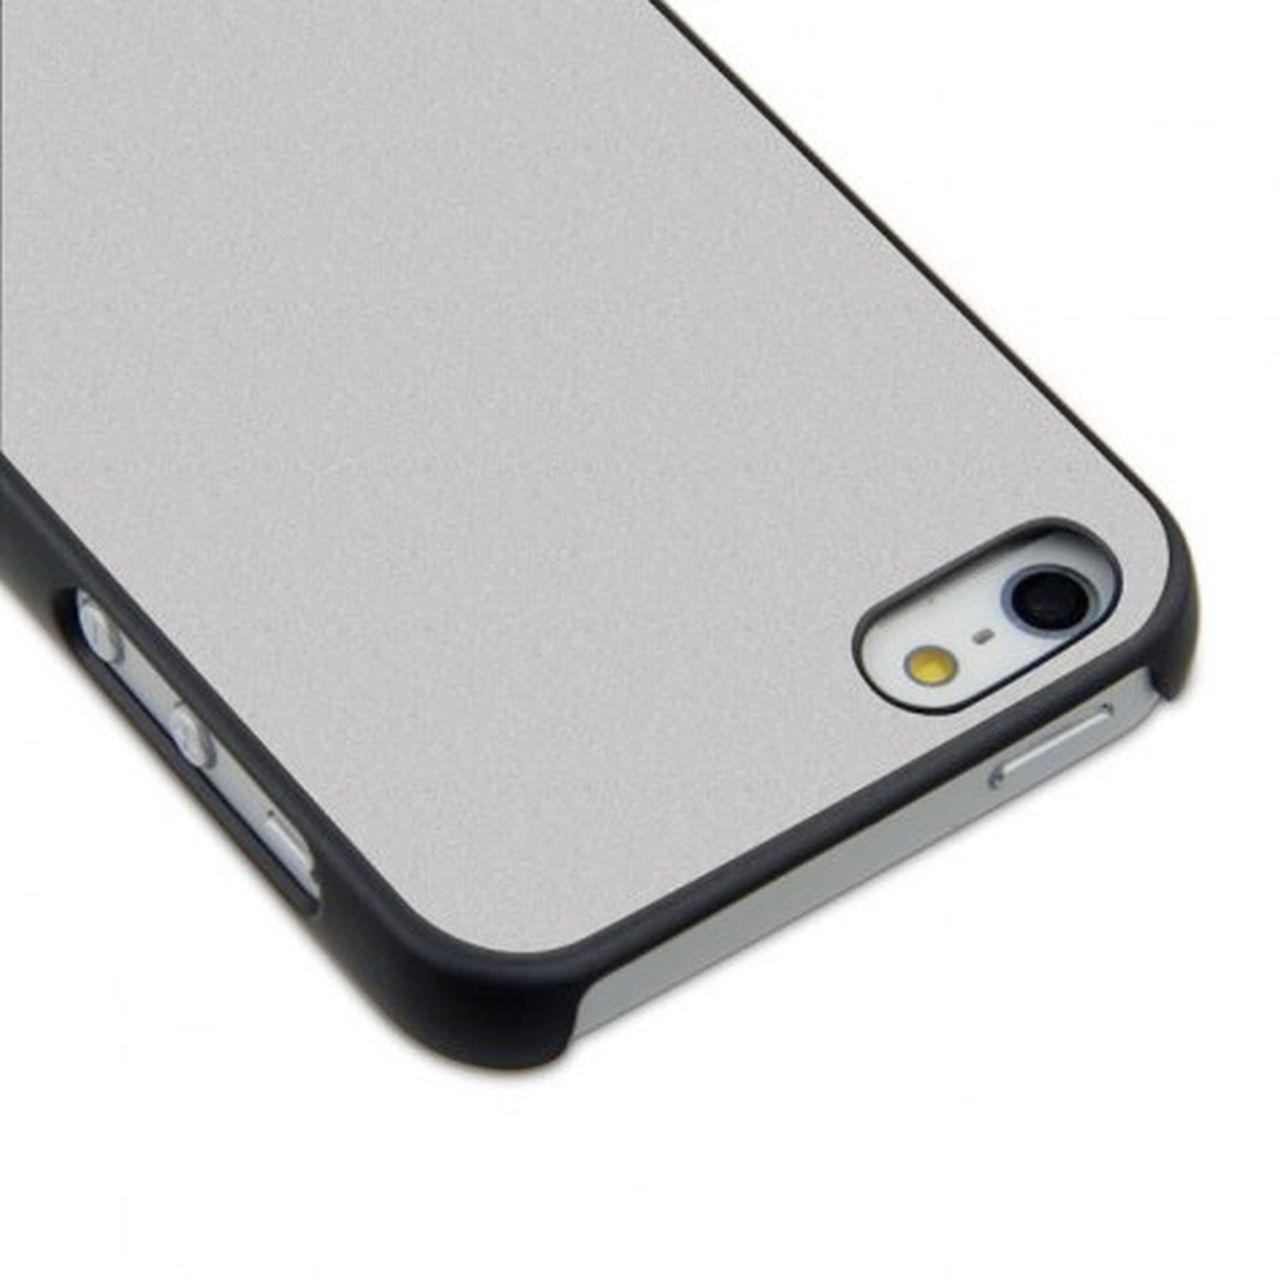 Sublicover nera perlata argento iphone-4